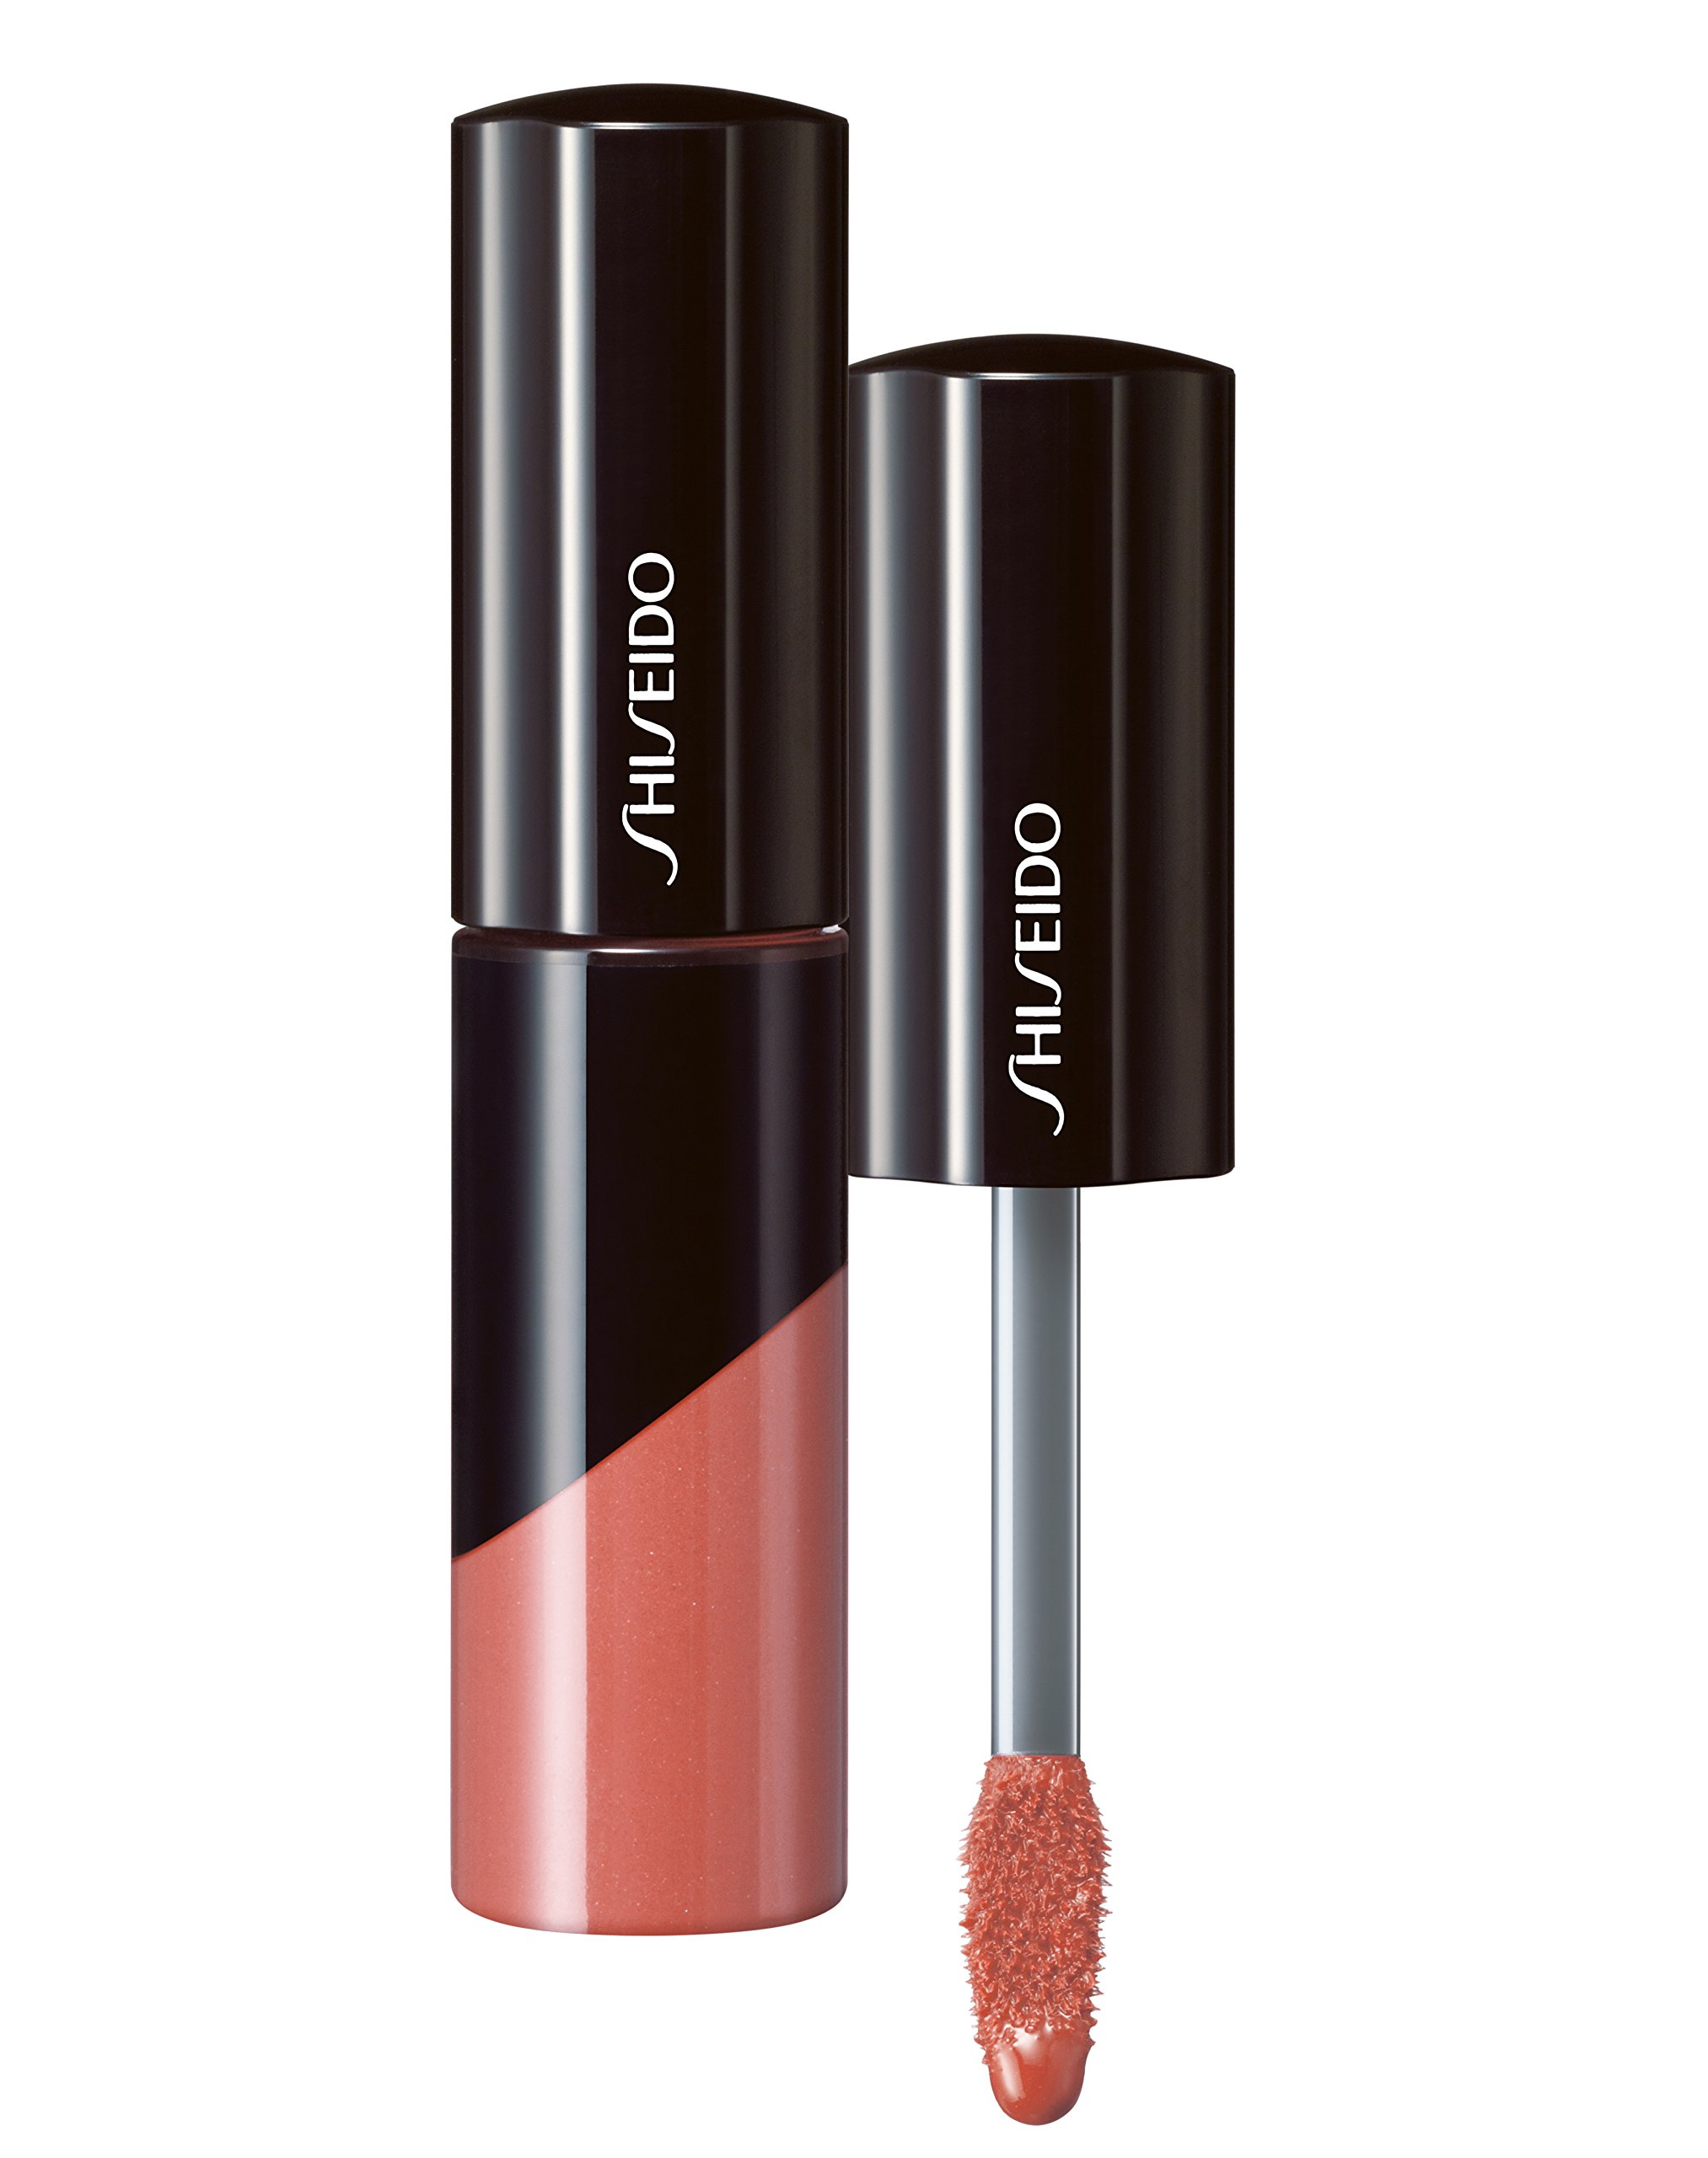 Shiseido Debut Lacquer Gloss for Women, No. BE102, 0.25 oz